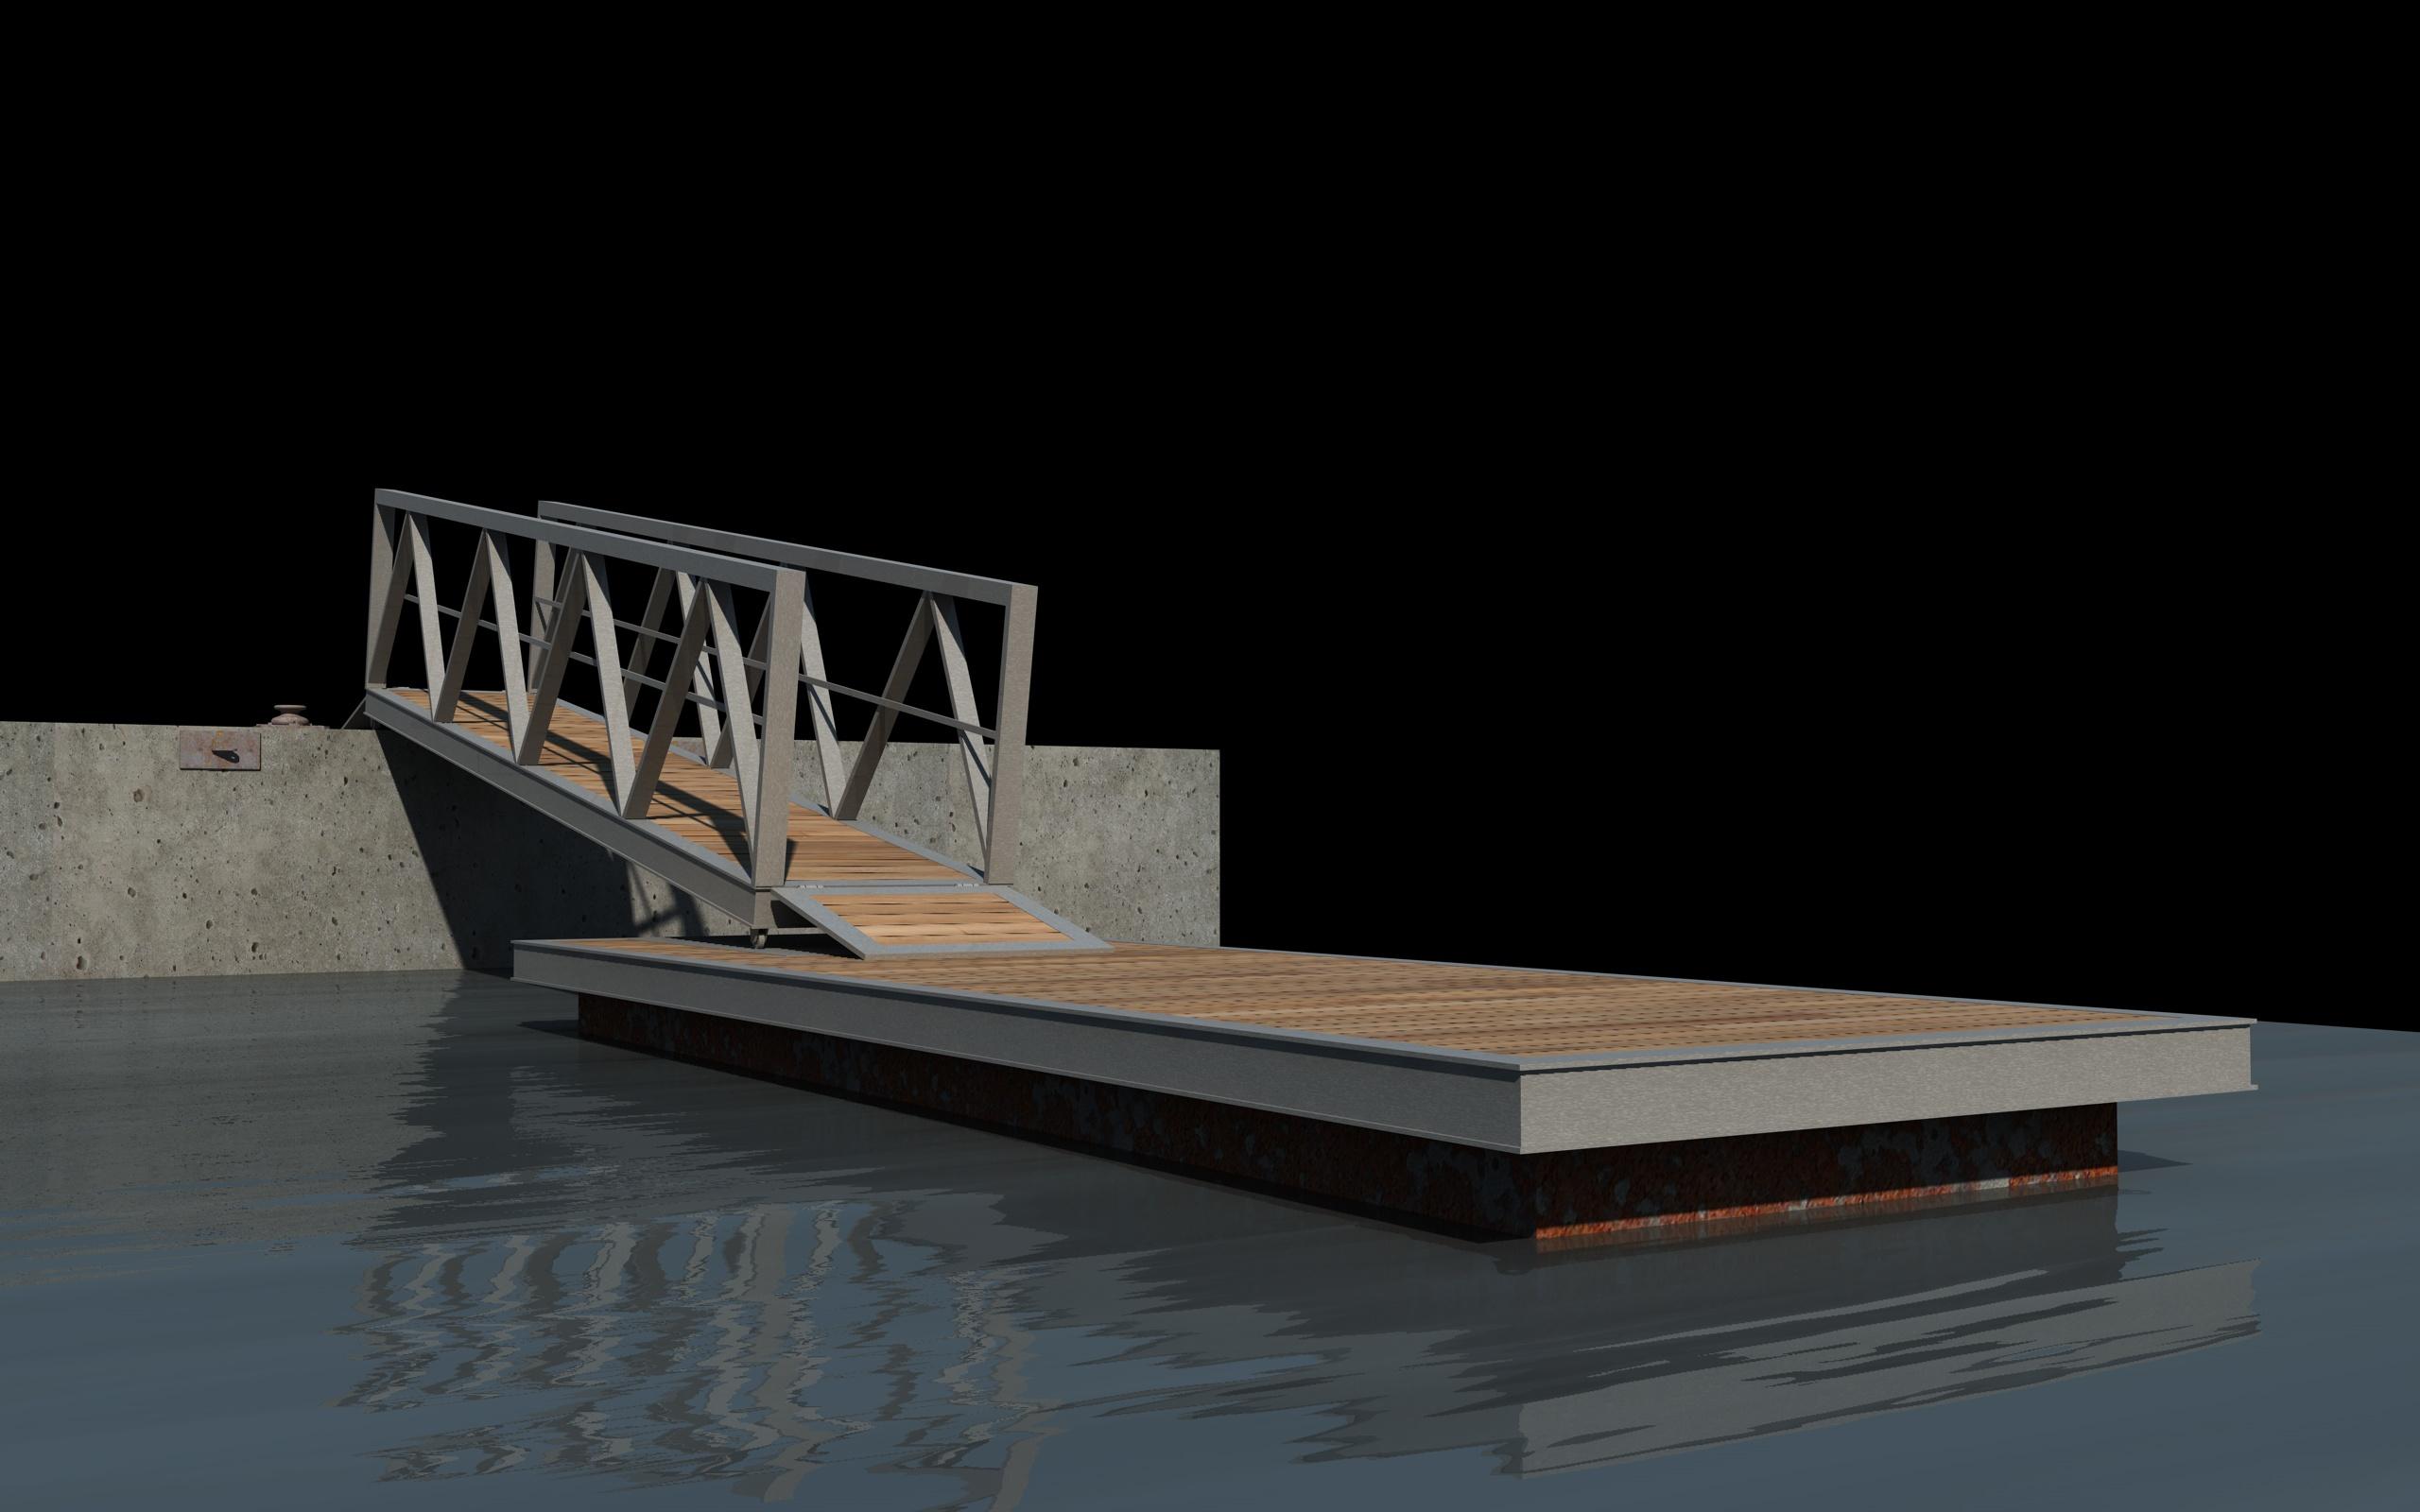 boat pier dock 3d model 3ds dxf fbx c4d skp obj 148408